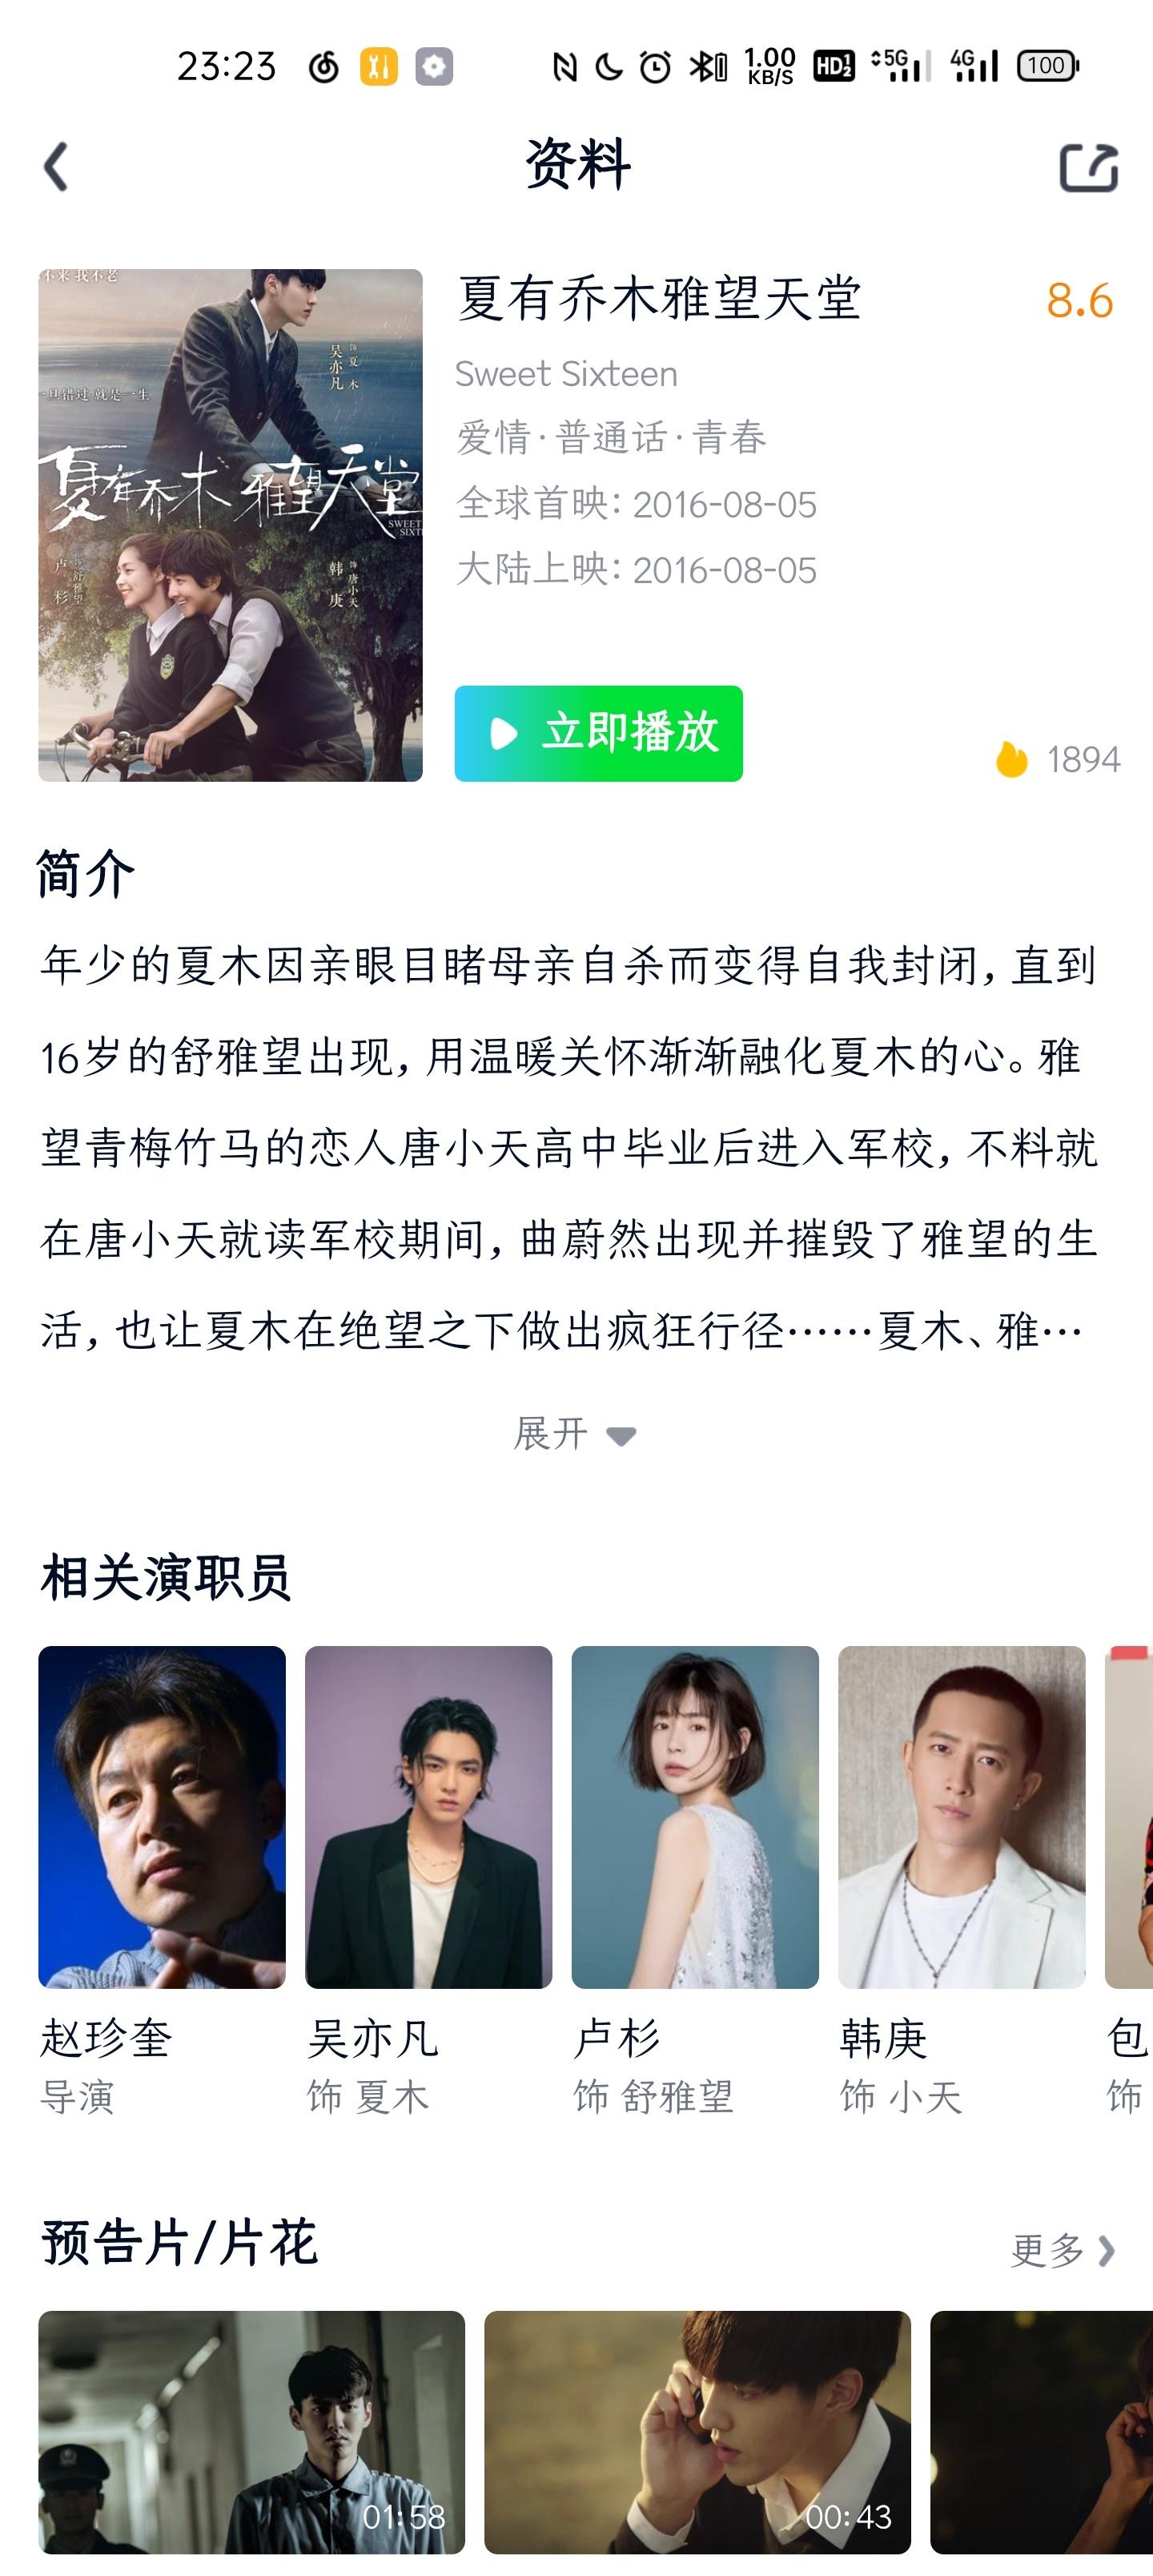 影视资讯吴亦凡主演的电影『夏有乔木』在爱...